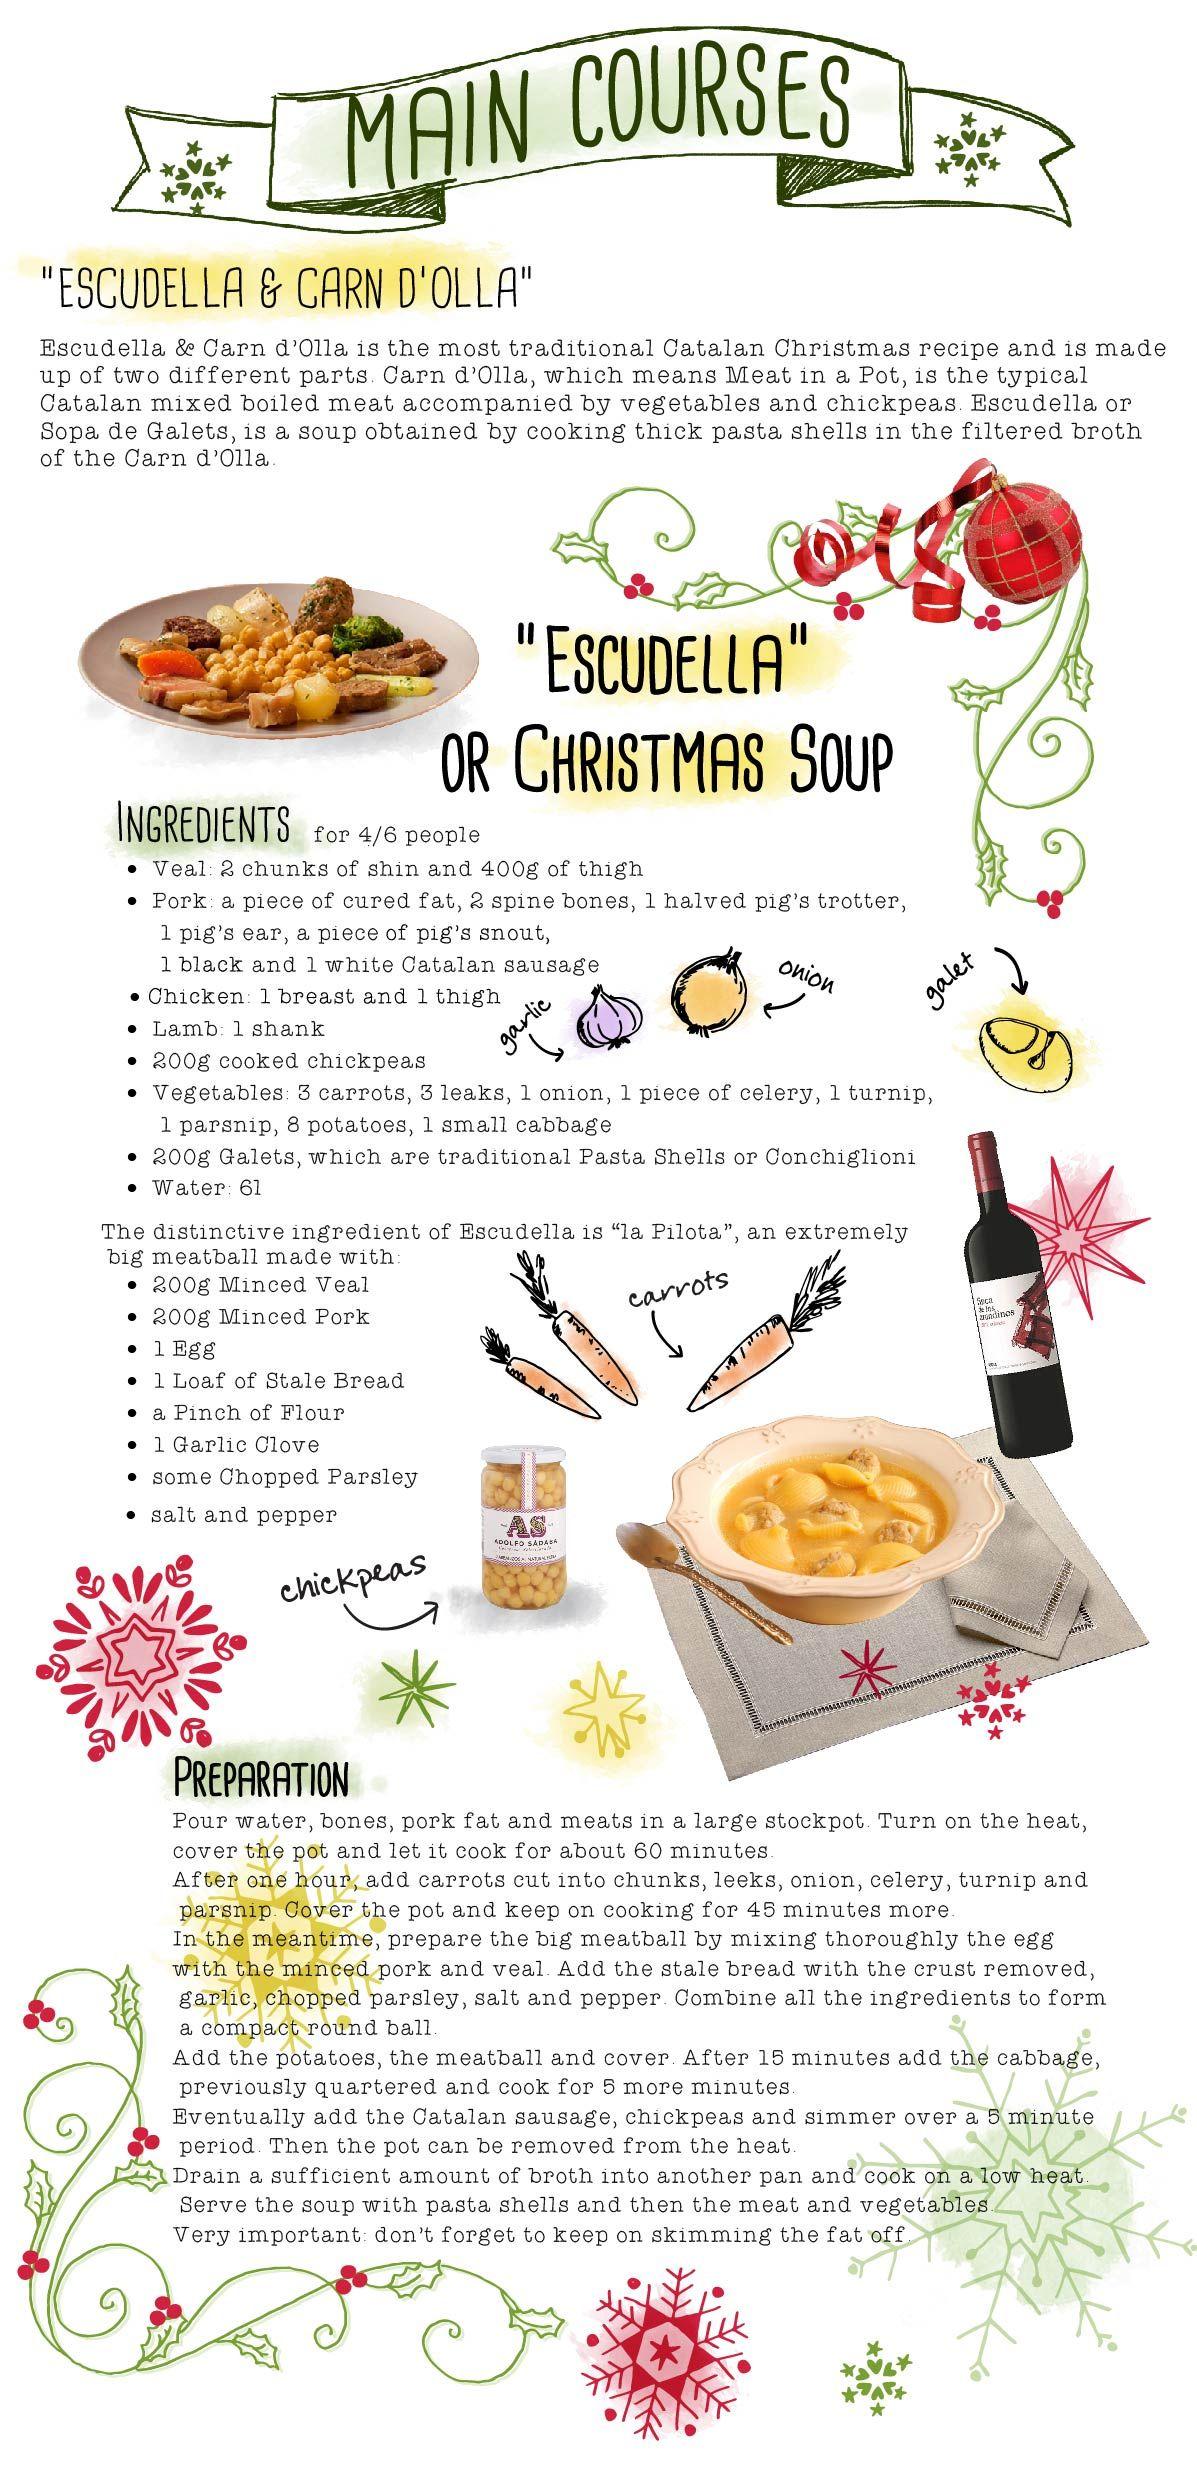 Escudella #christmas #escudella #carndolla #christmassoup #soup ...